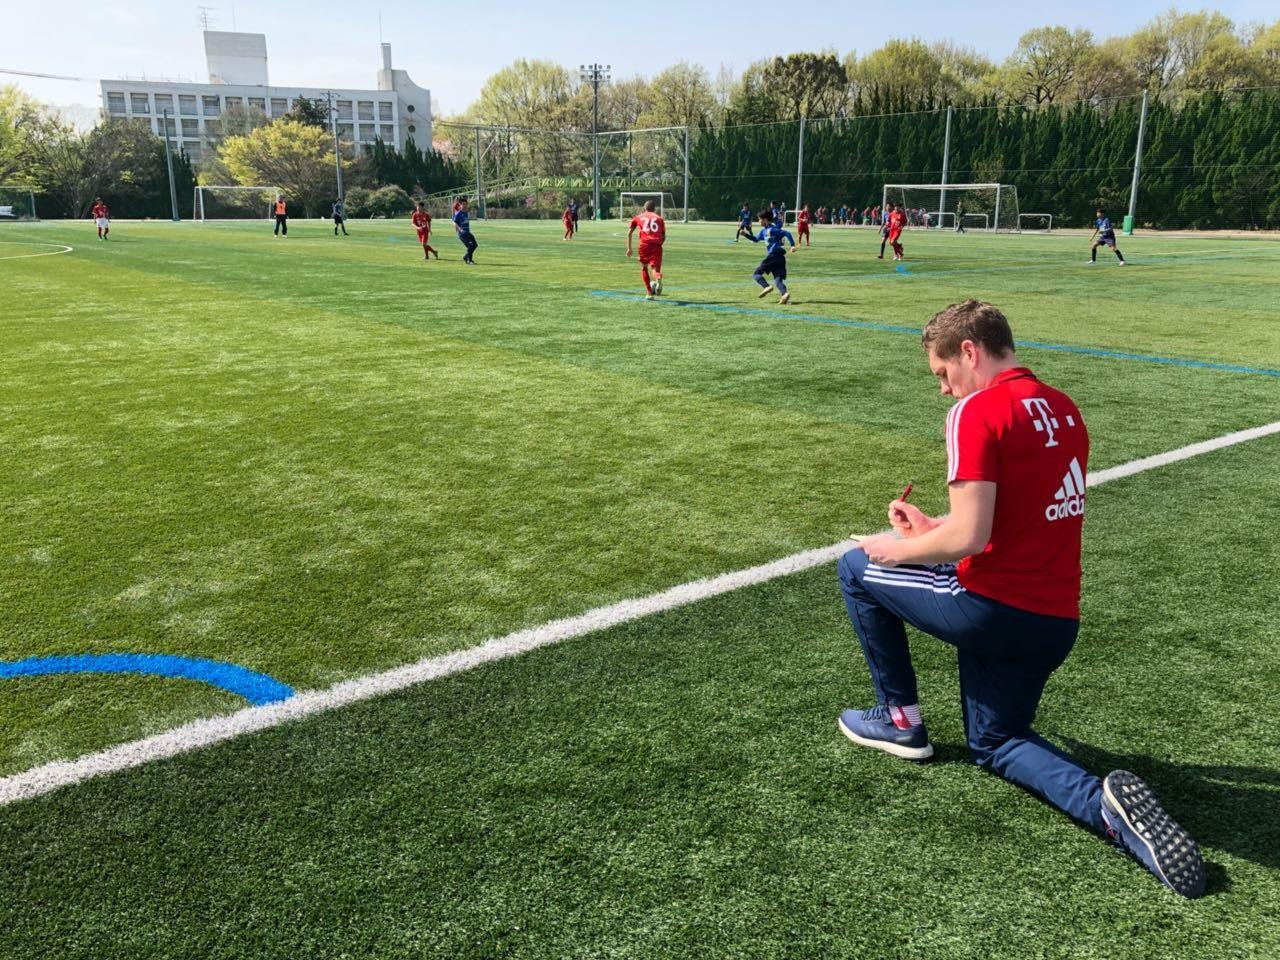 FCバイエルン・ミュンヘン国際プログラムコーチによる強化指導を実施[FC バイエルン ツネイシ]